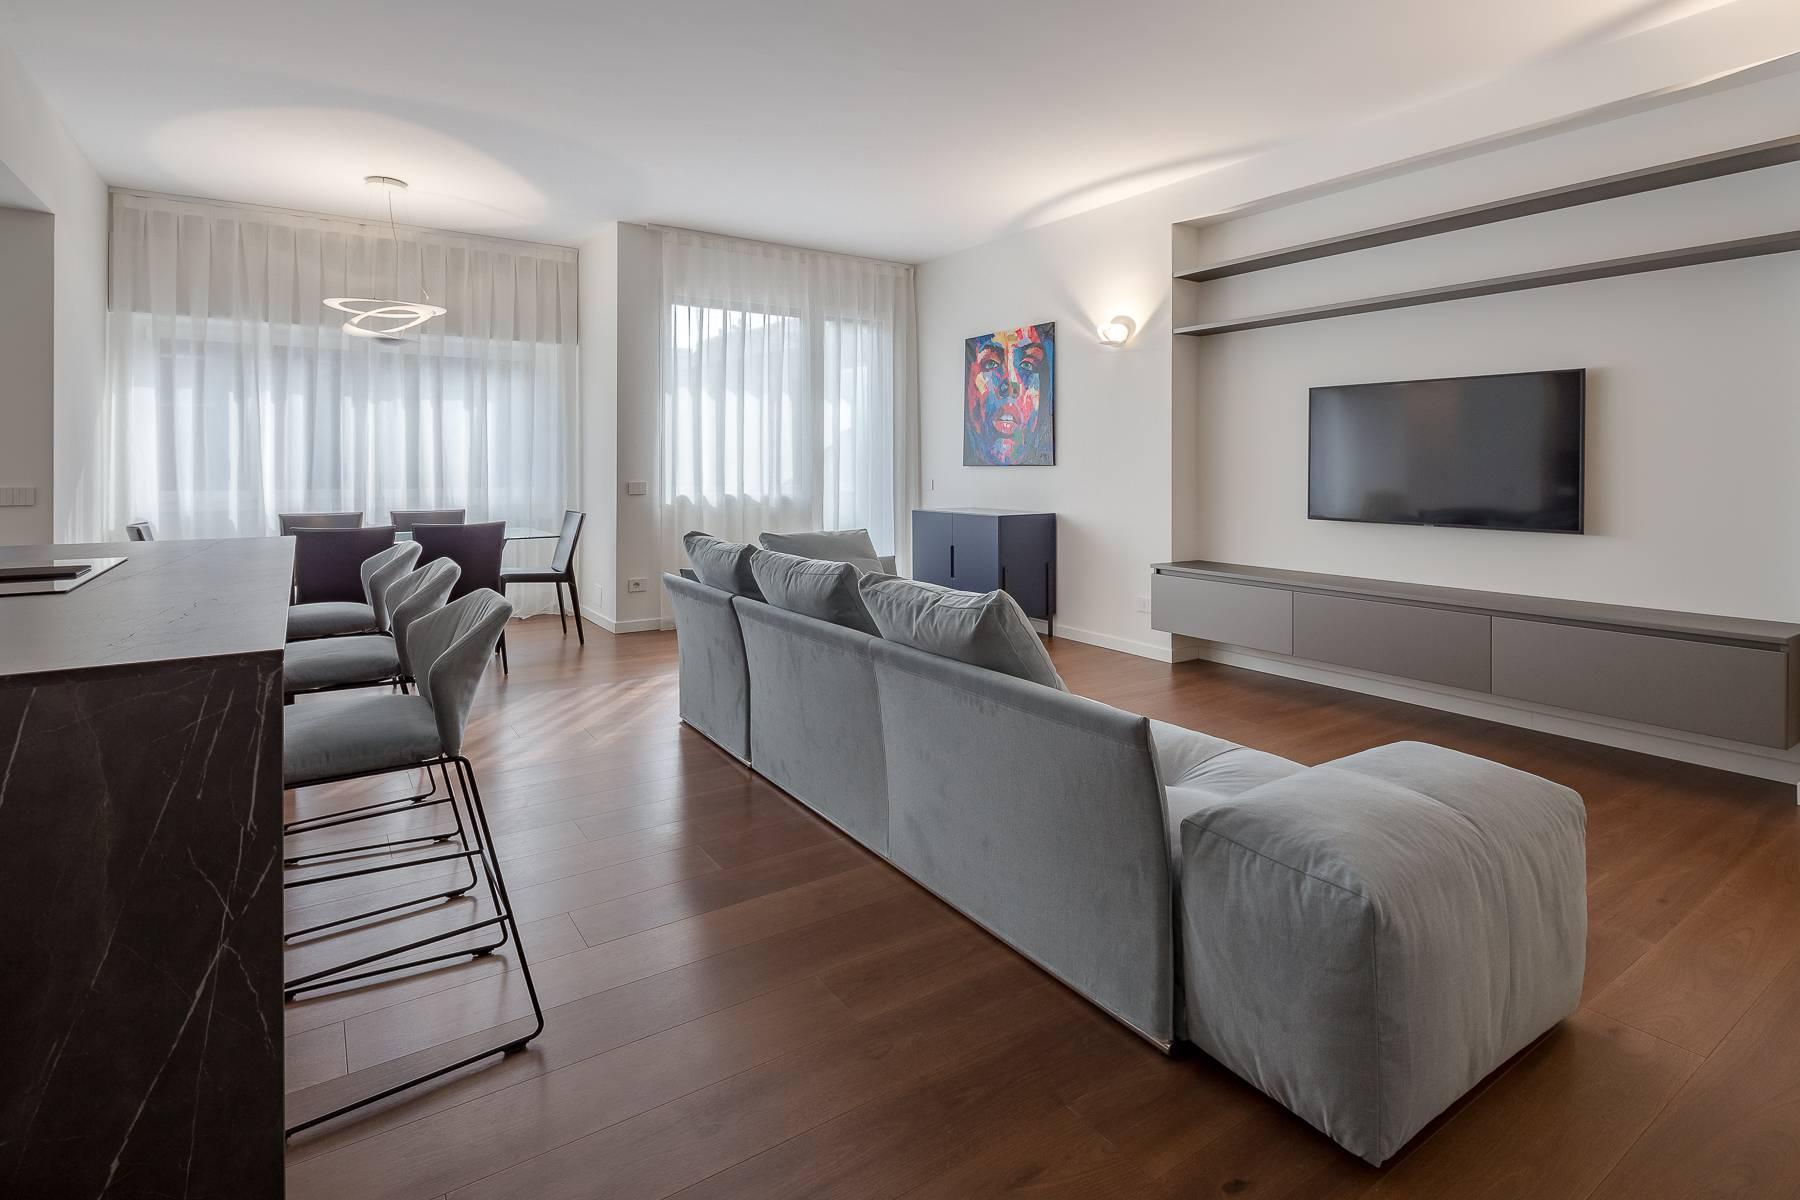 Wunderschöne Drei-Zimmer-Wohnung im Sempione Stadtviertel - 2